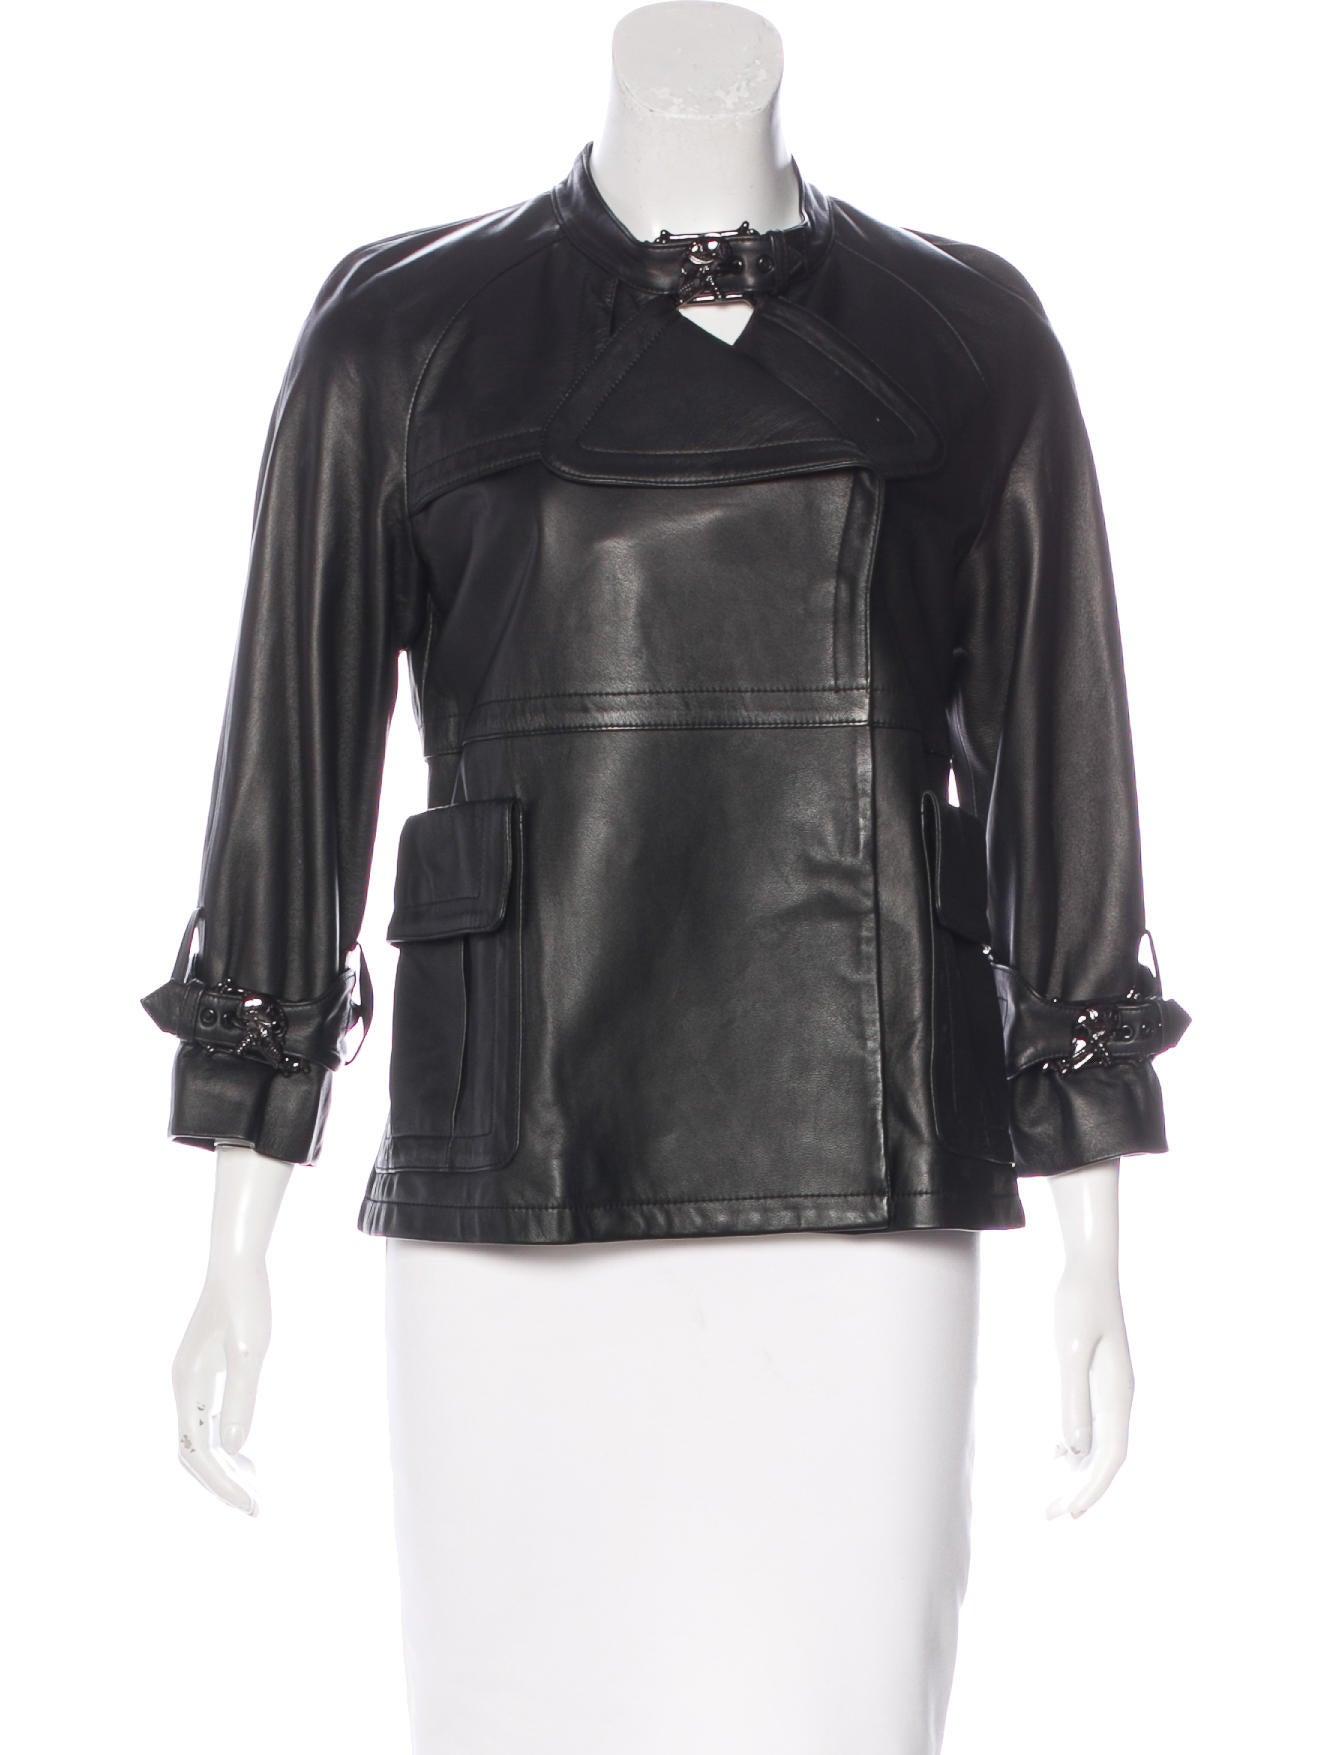 Thomas wylde leather jacket